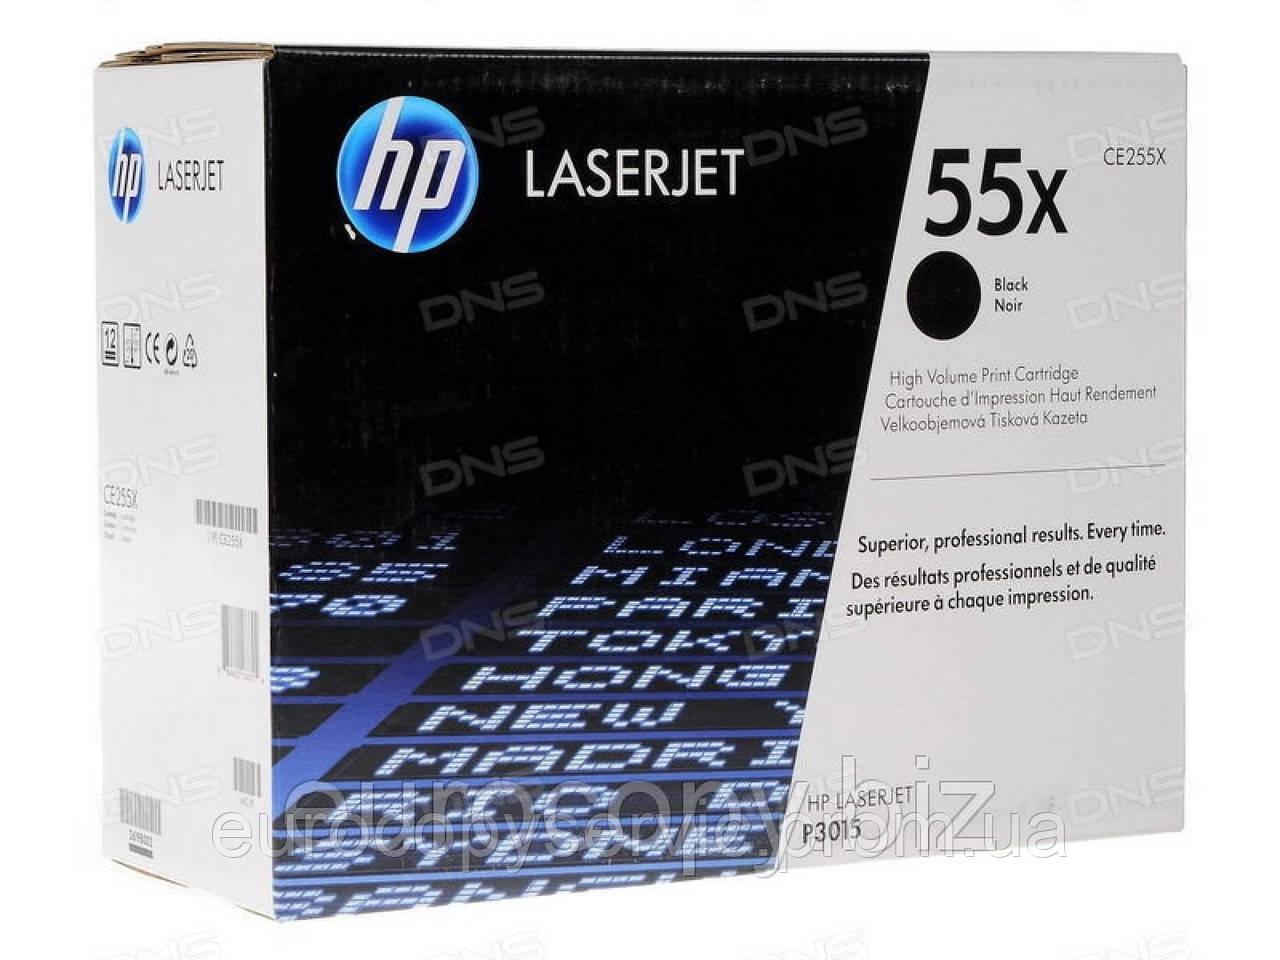 Картридж HP LaserJet P3015 series black (max) (CE255X)